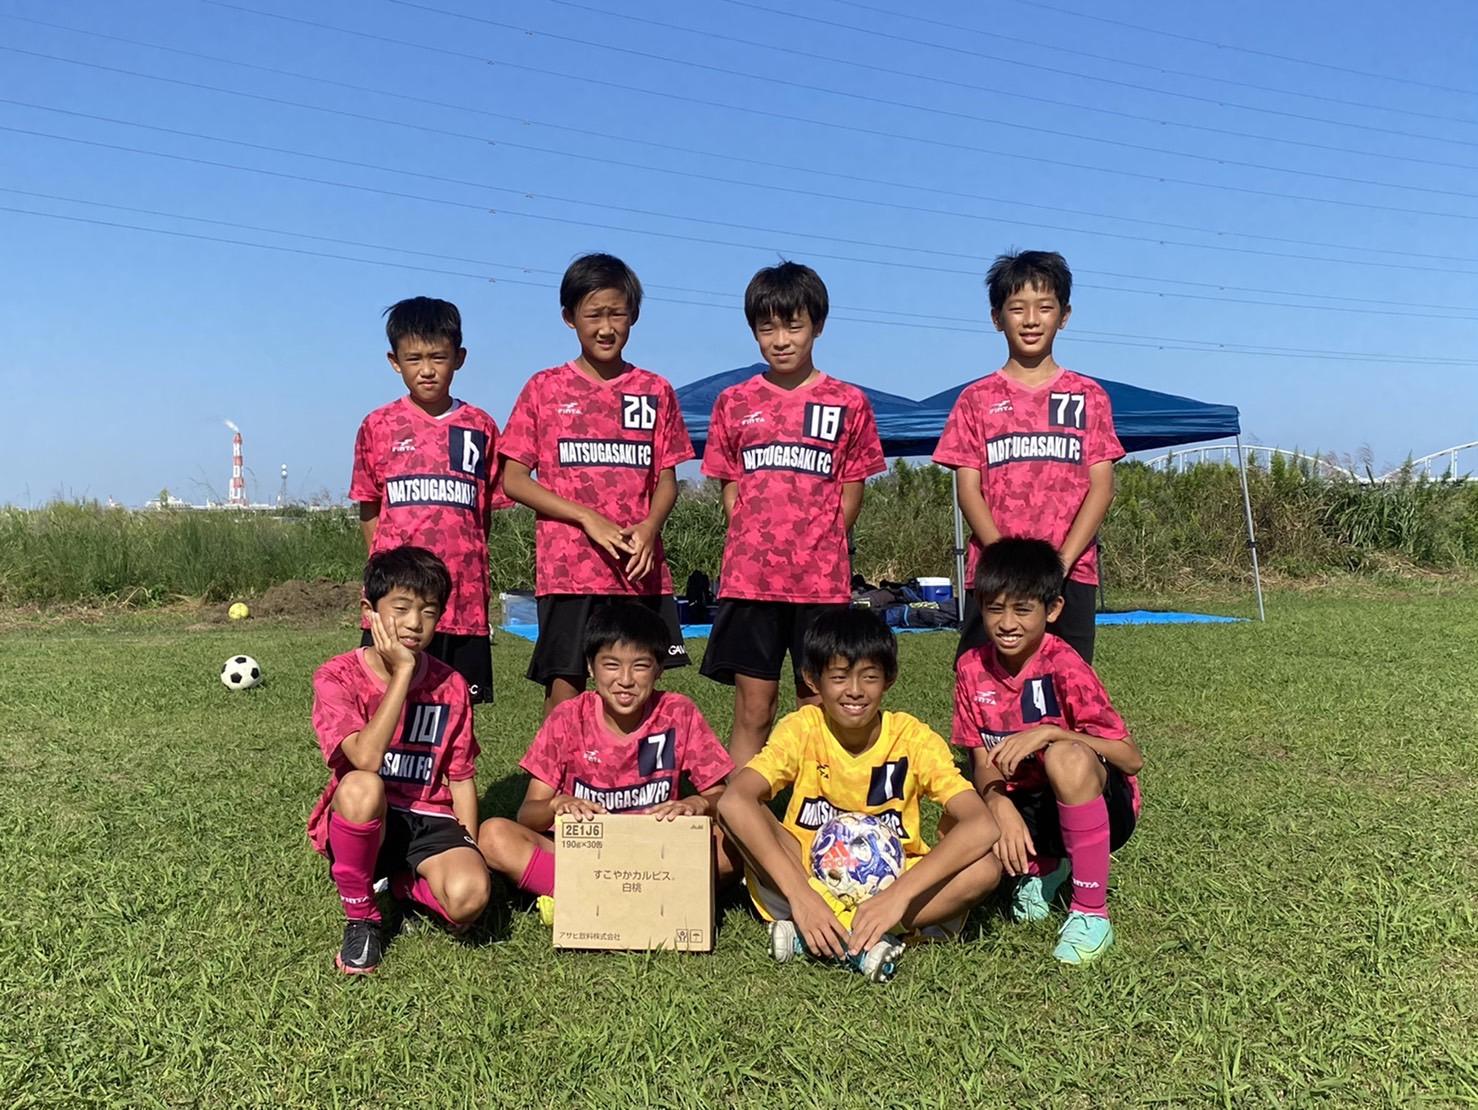 松阪市のサッカースクール、クラブチームなら松ヶ崎FC